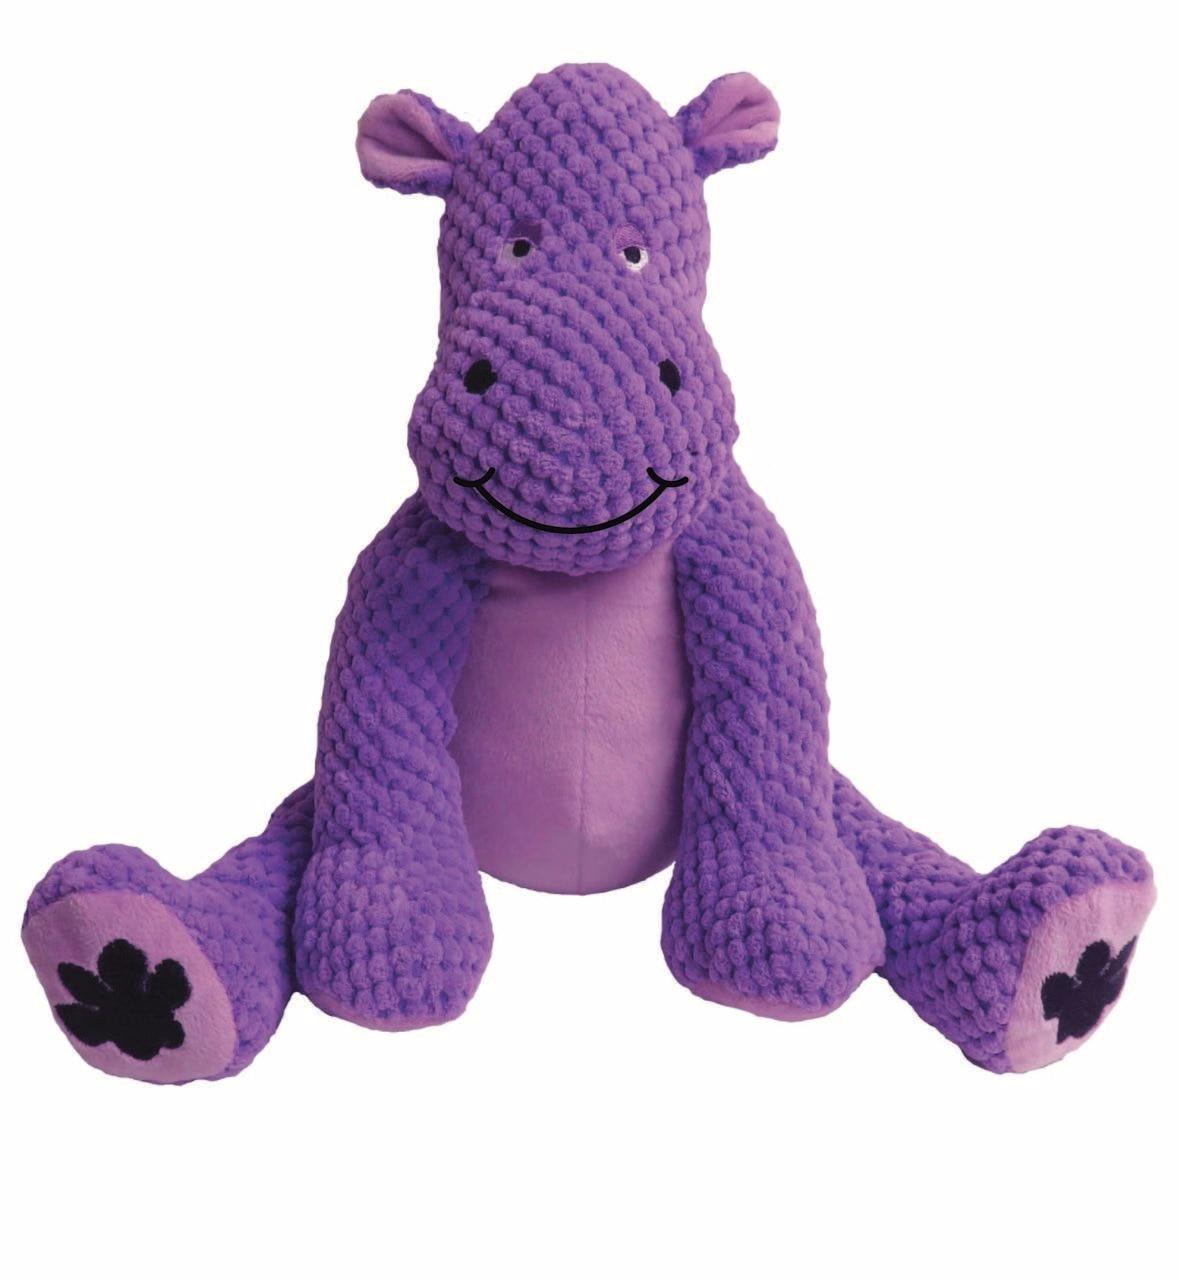 fabdog Floppy Plush Dog Toy, Hippo, Large